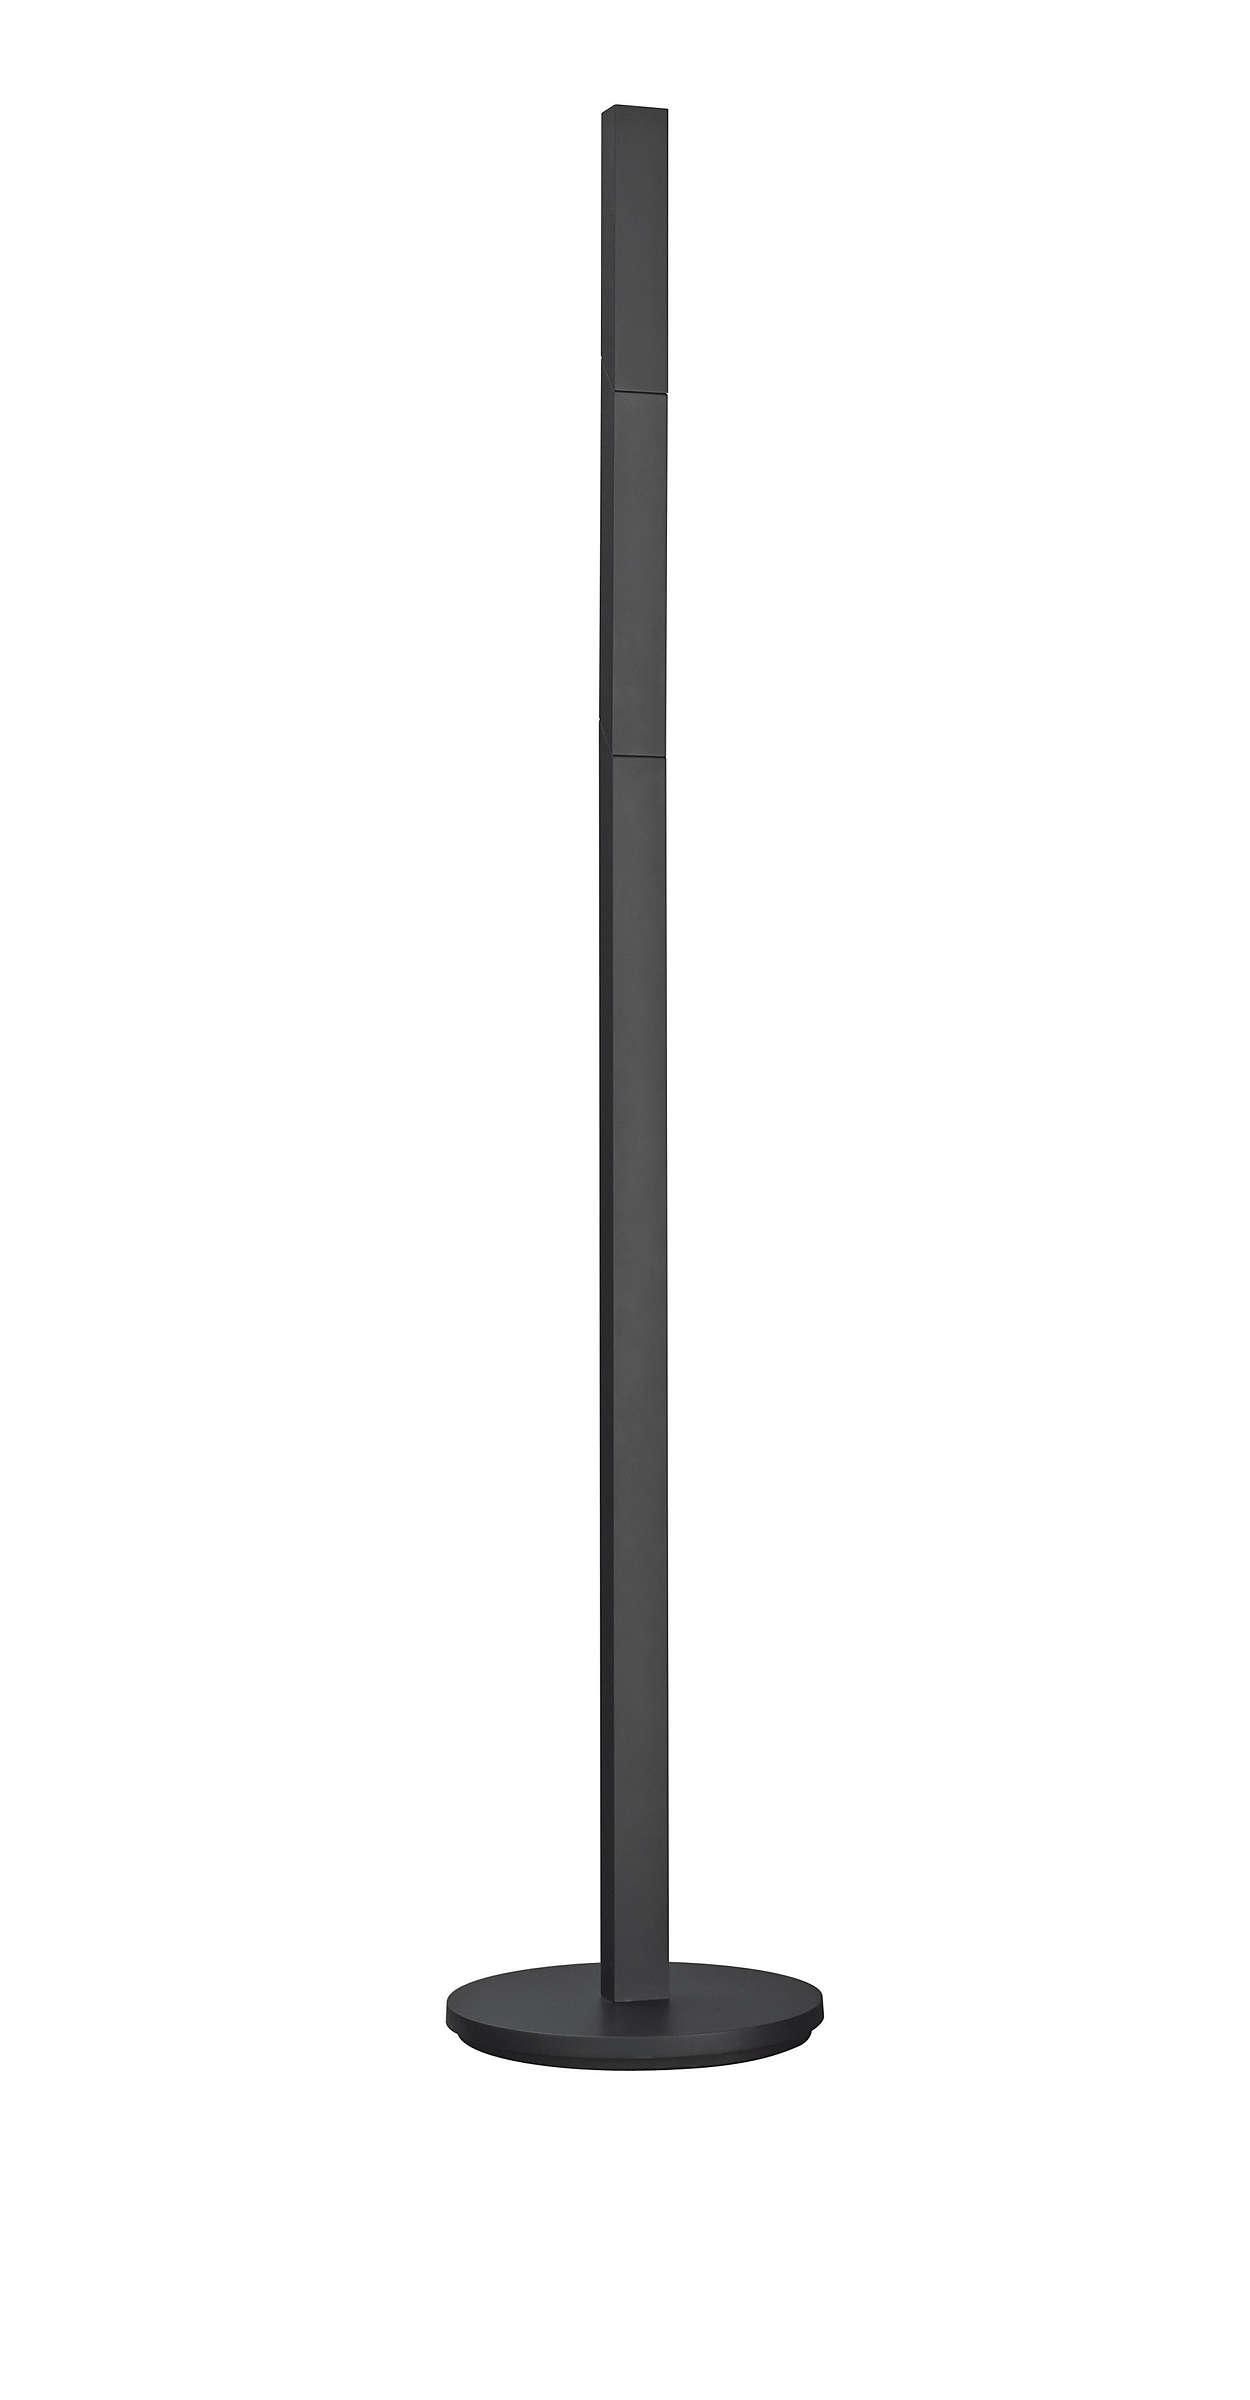 Hvad kan man få ud af en lige linje?